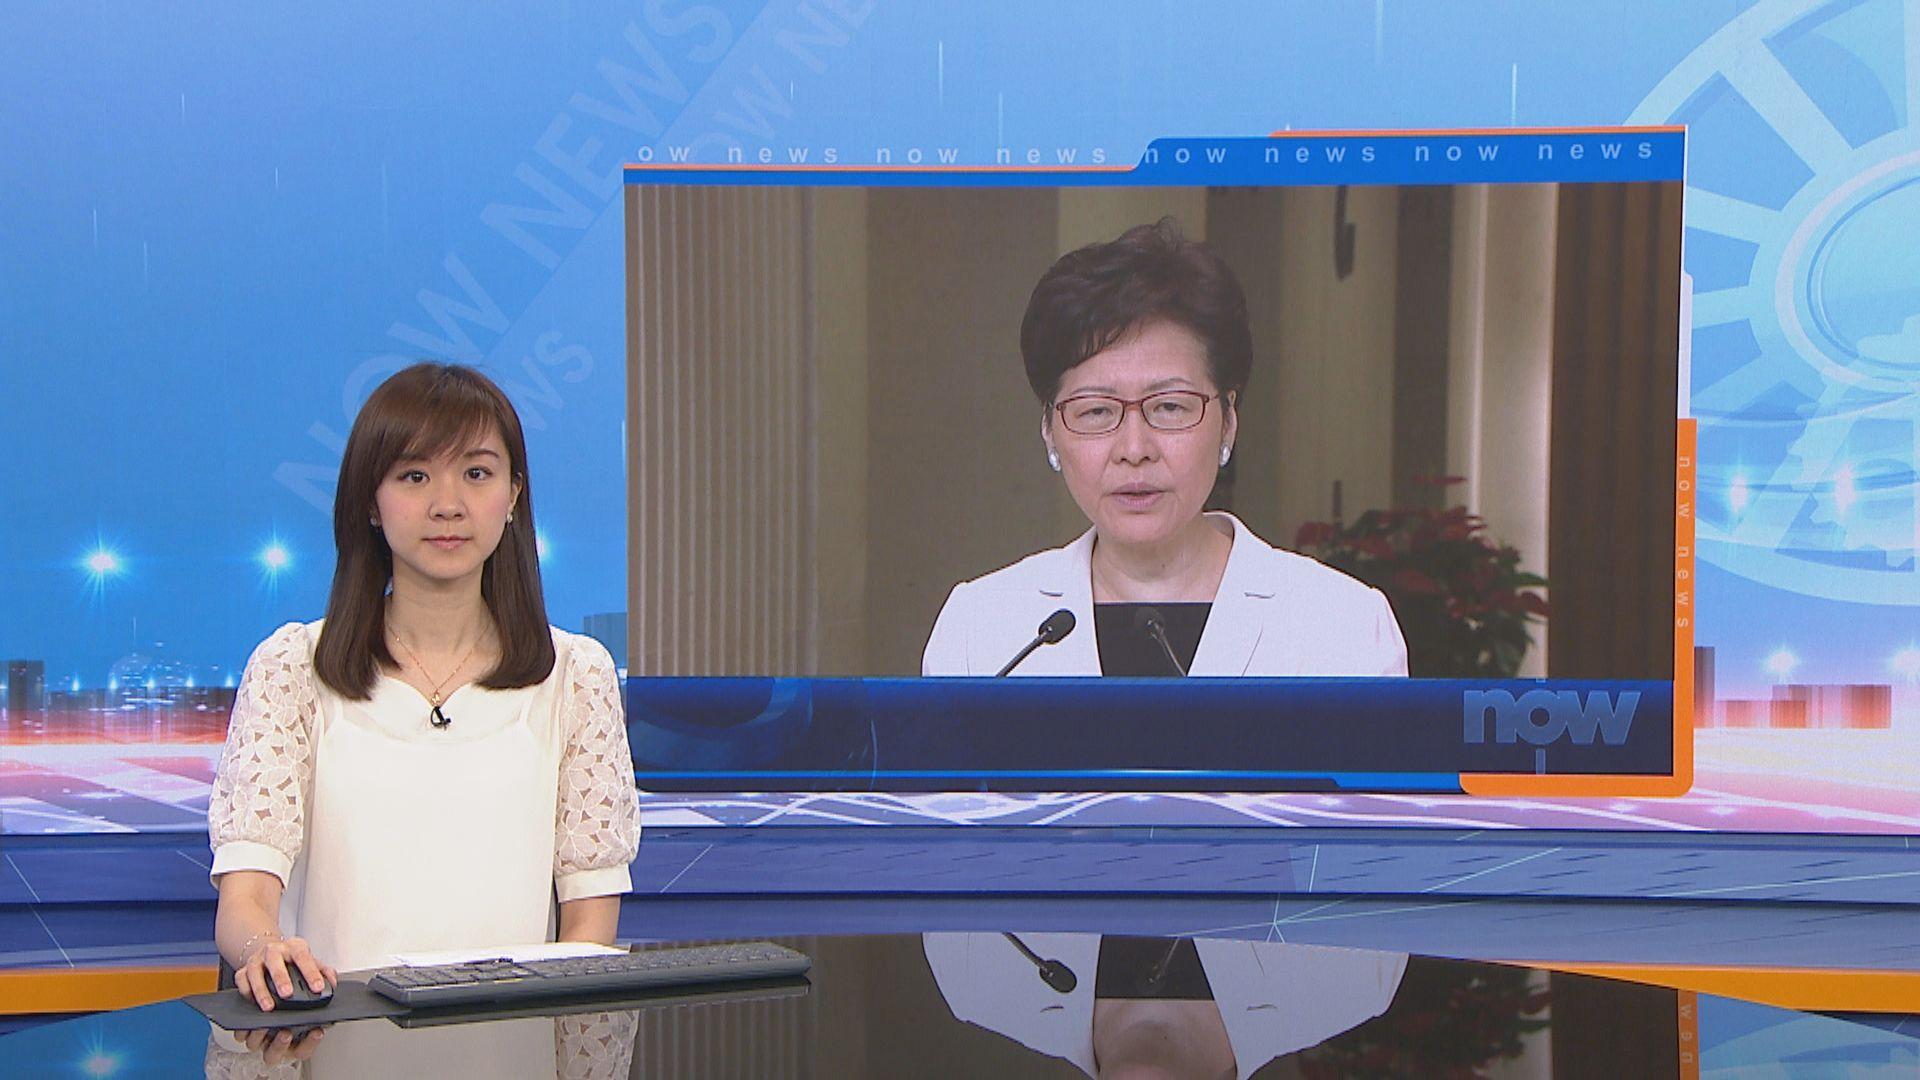 林鄭︰警隊已在困難情況相對和平地處理衝突